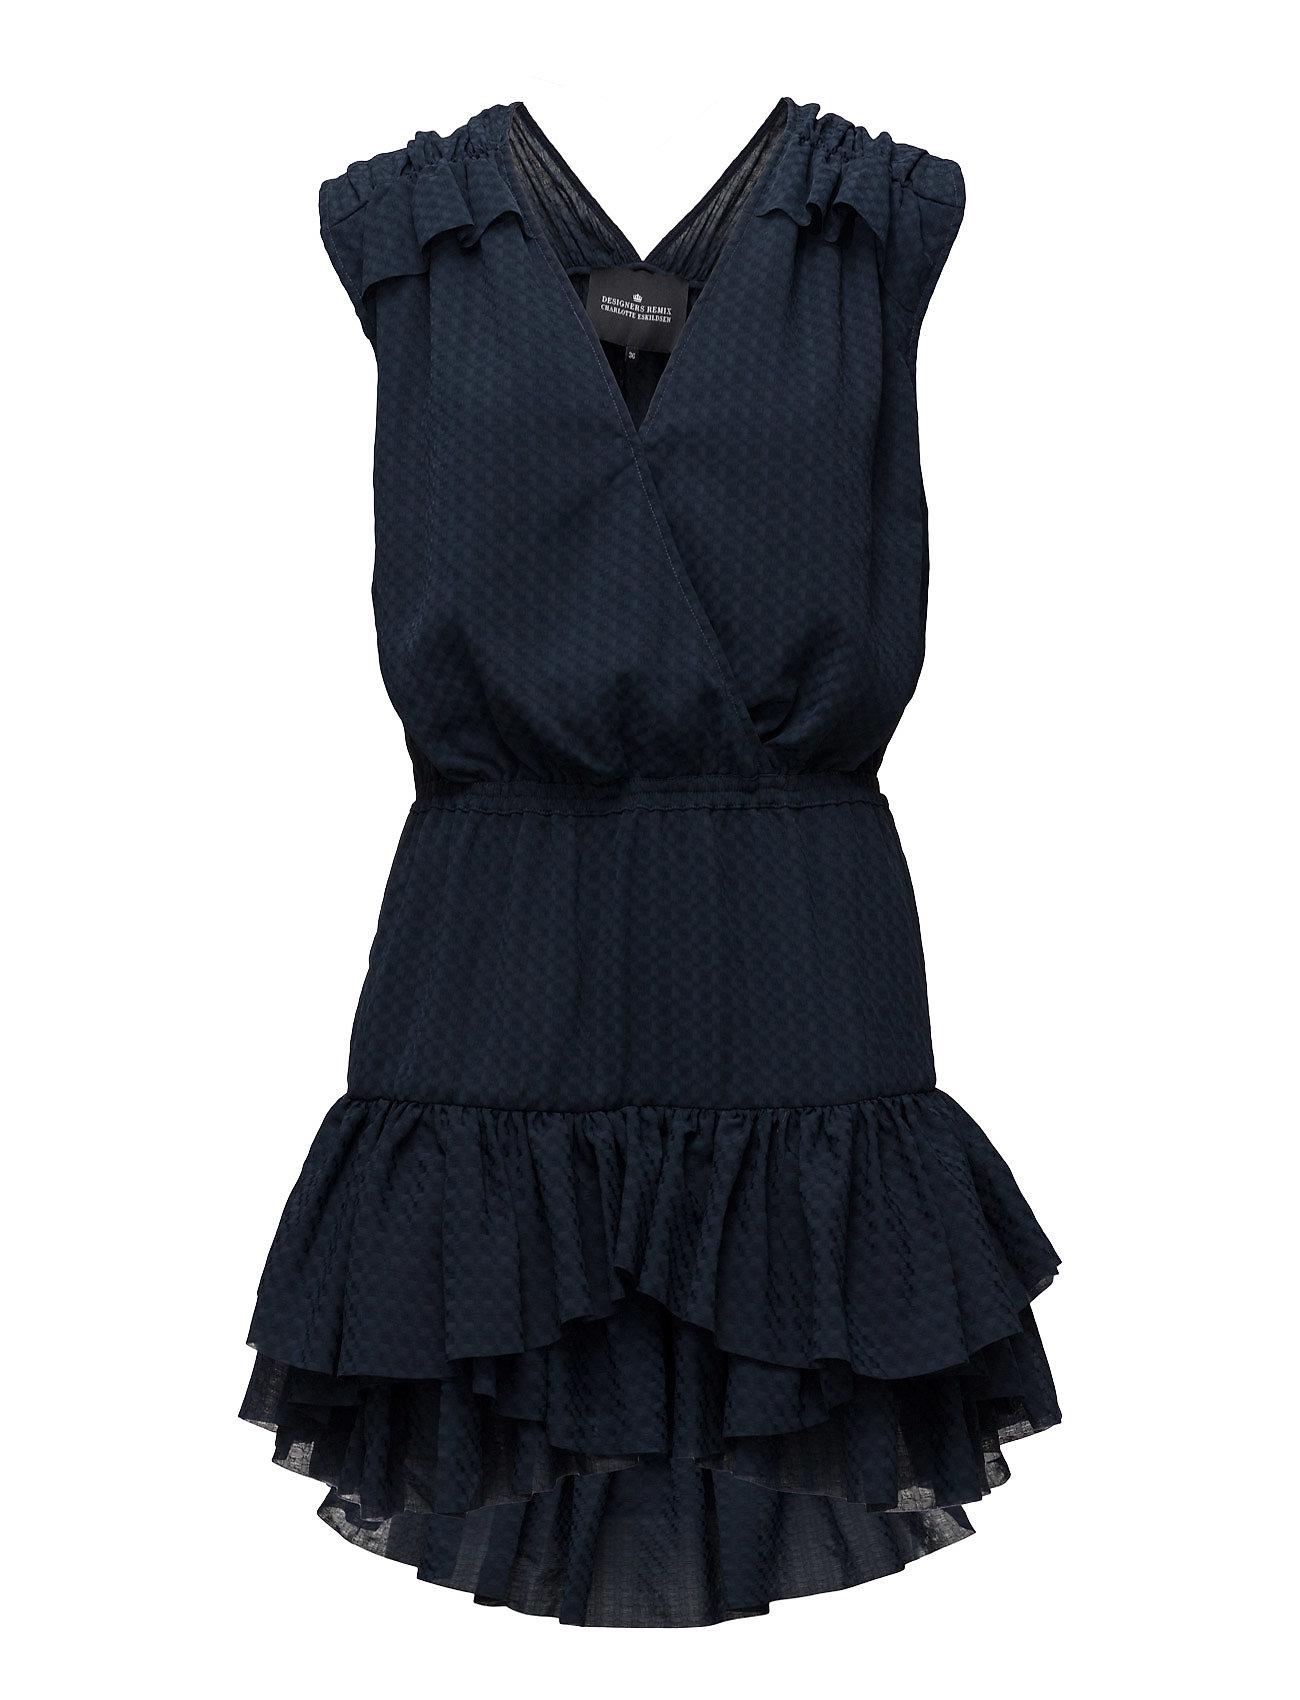 Enigma Dress Designers Remix Kjoler til Kvinder i Navy blå